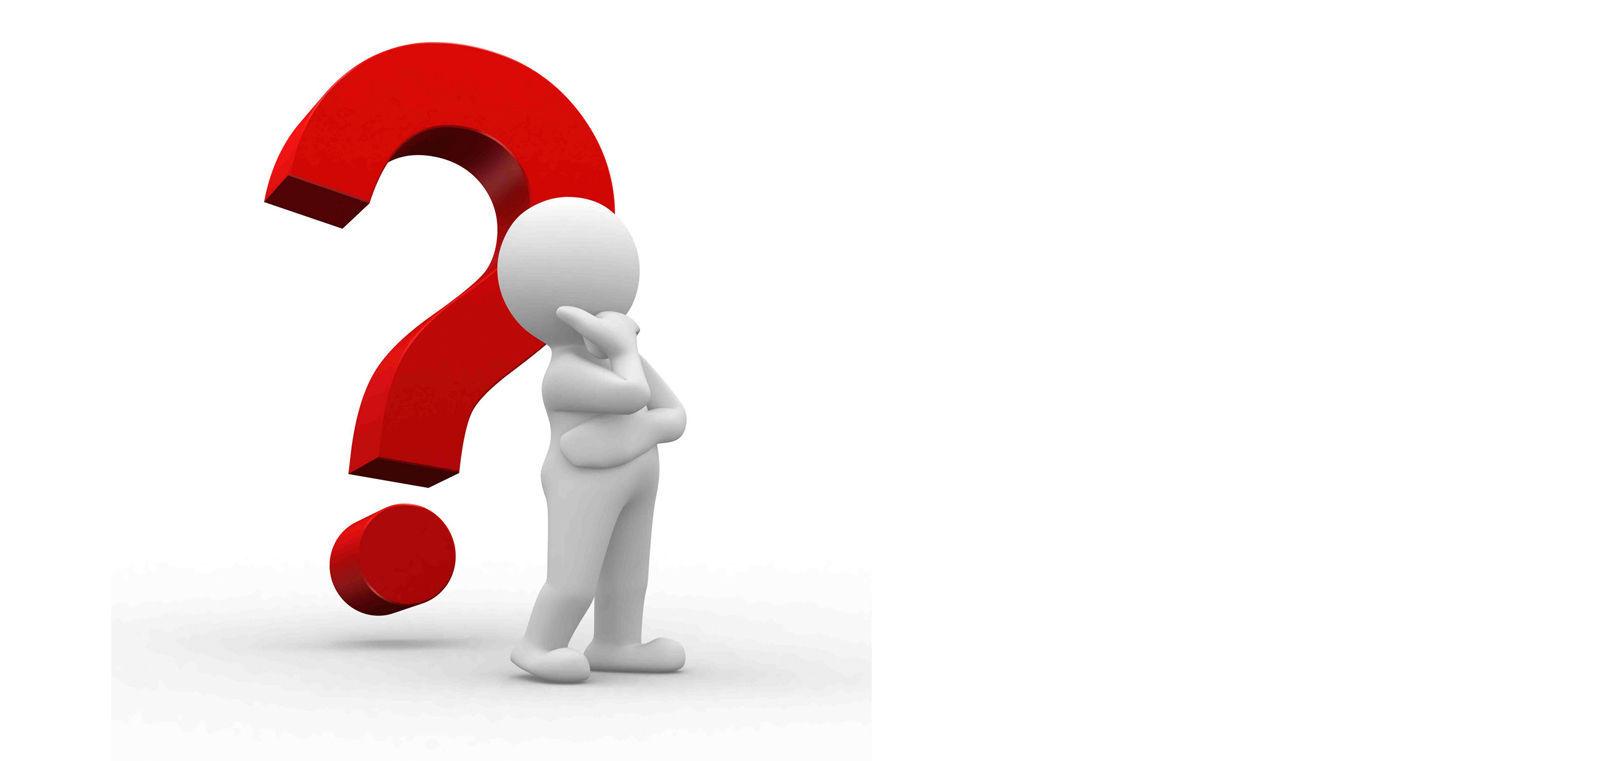 DESCANSO - ¿Esta es la pregunta Nro. 11?